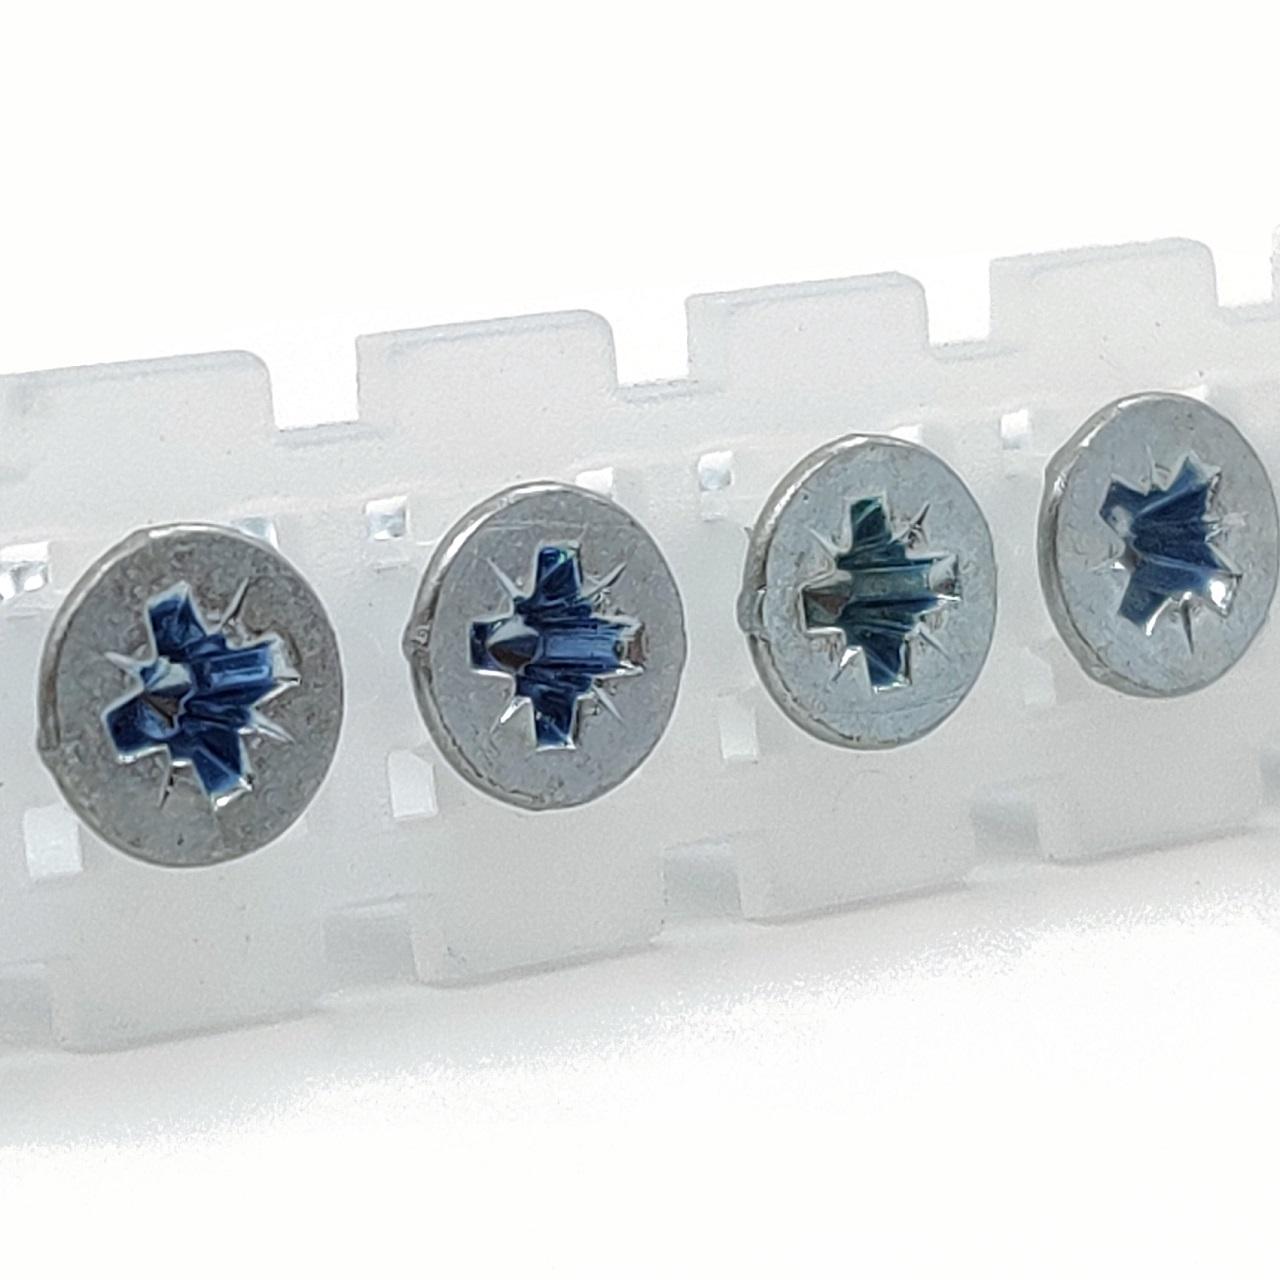 Magazinierte Spanplattenschrauben | hell verzinkt | PZ2 | 4,0x25 | 1.000 Stk